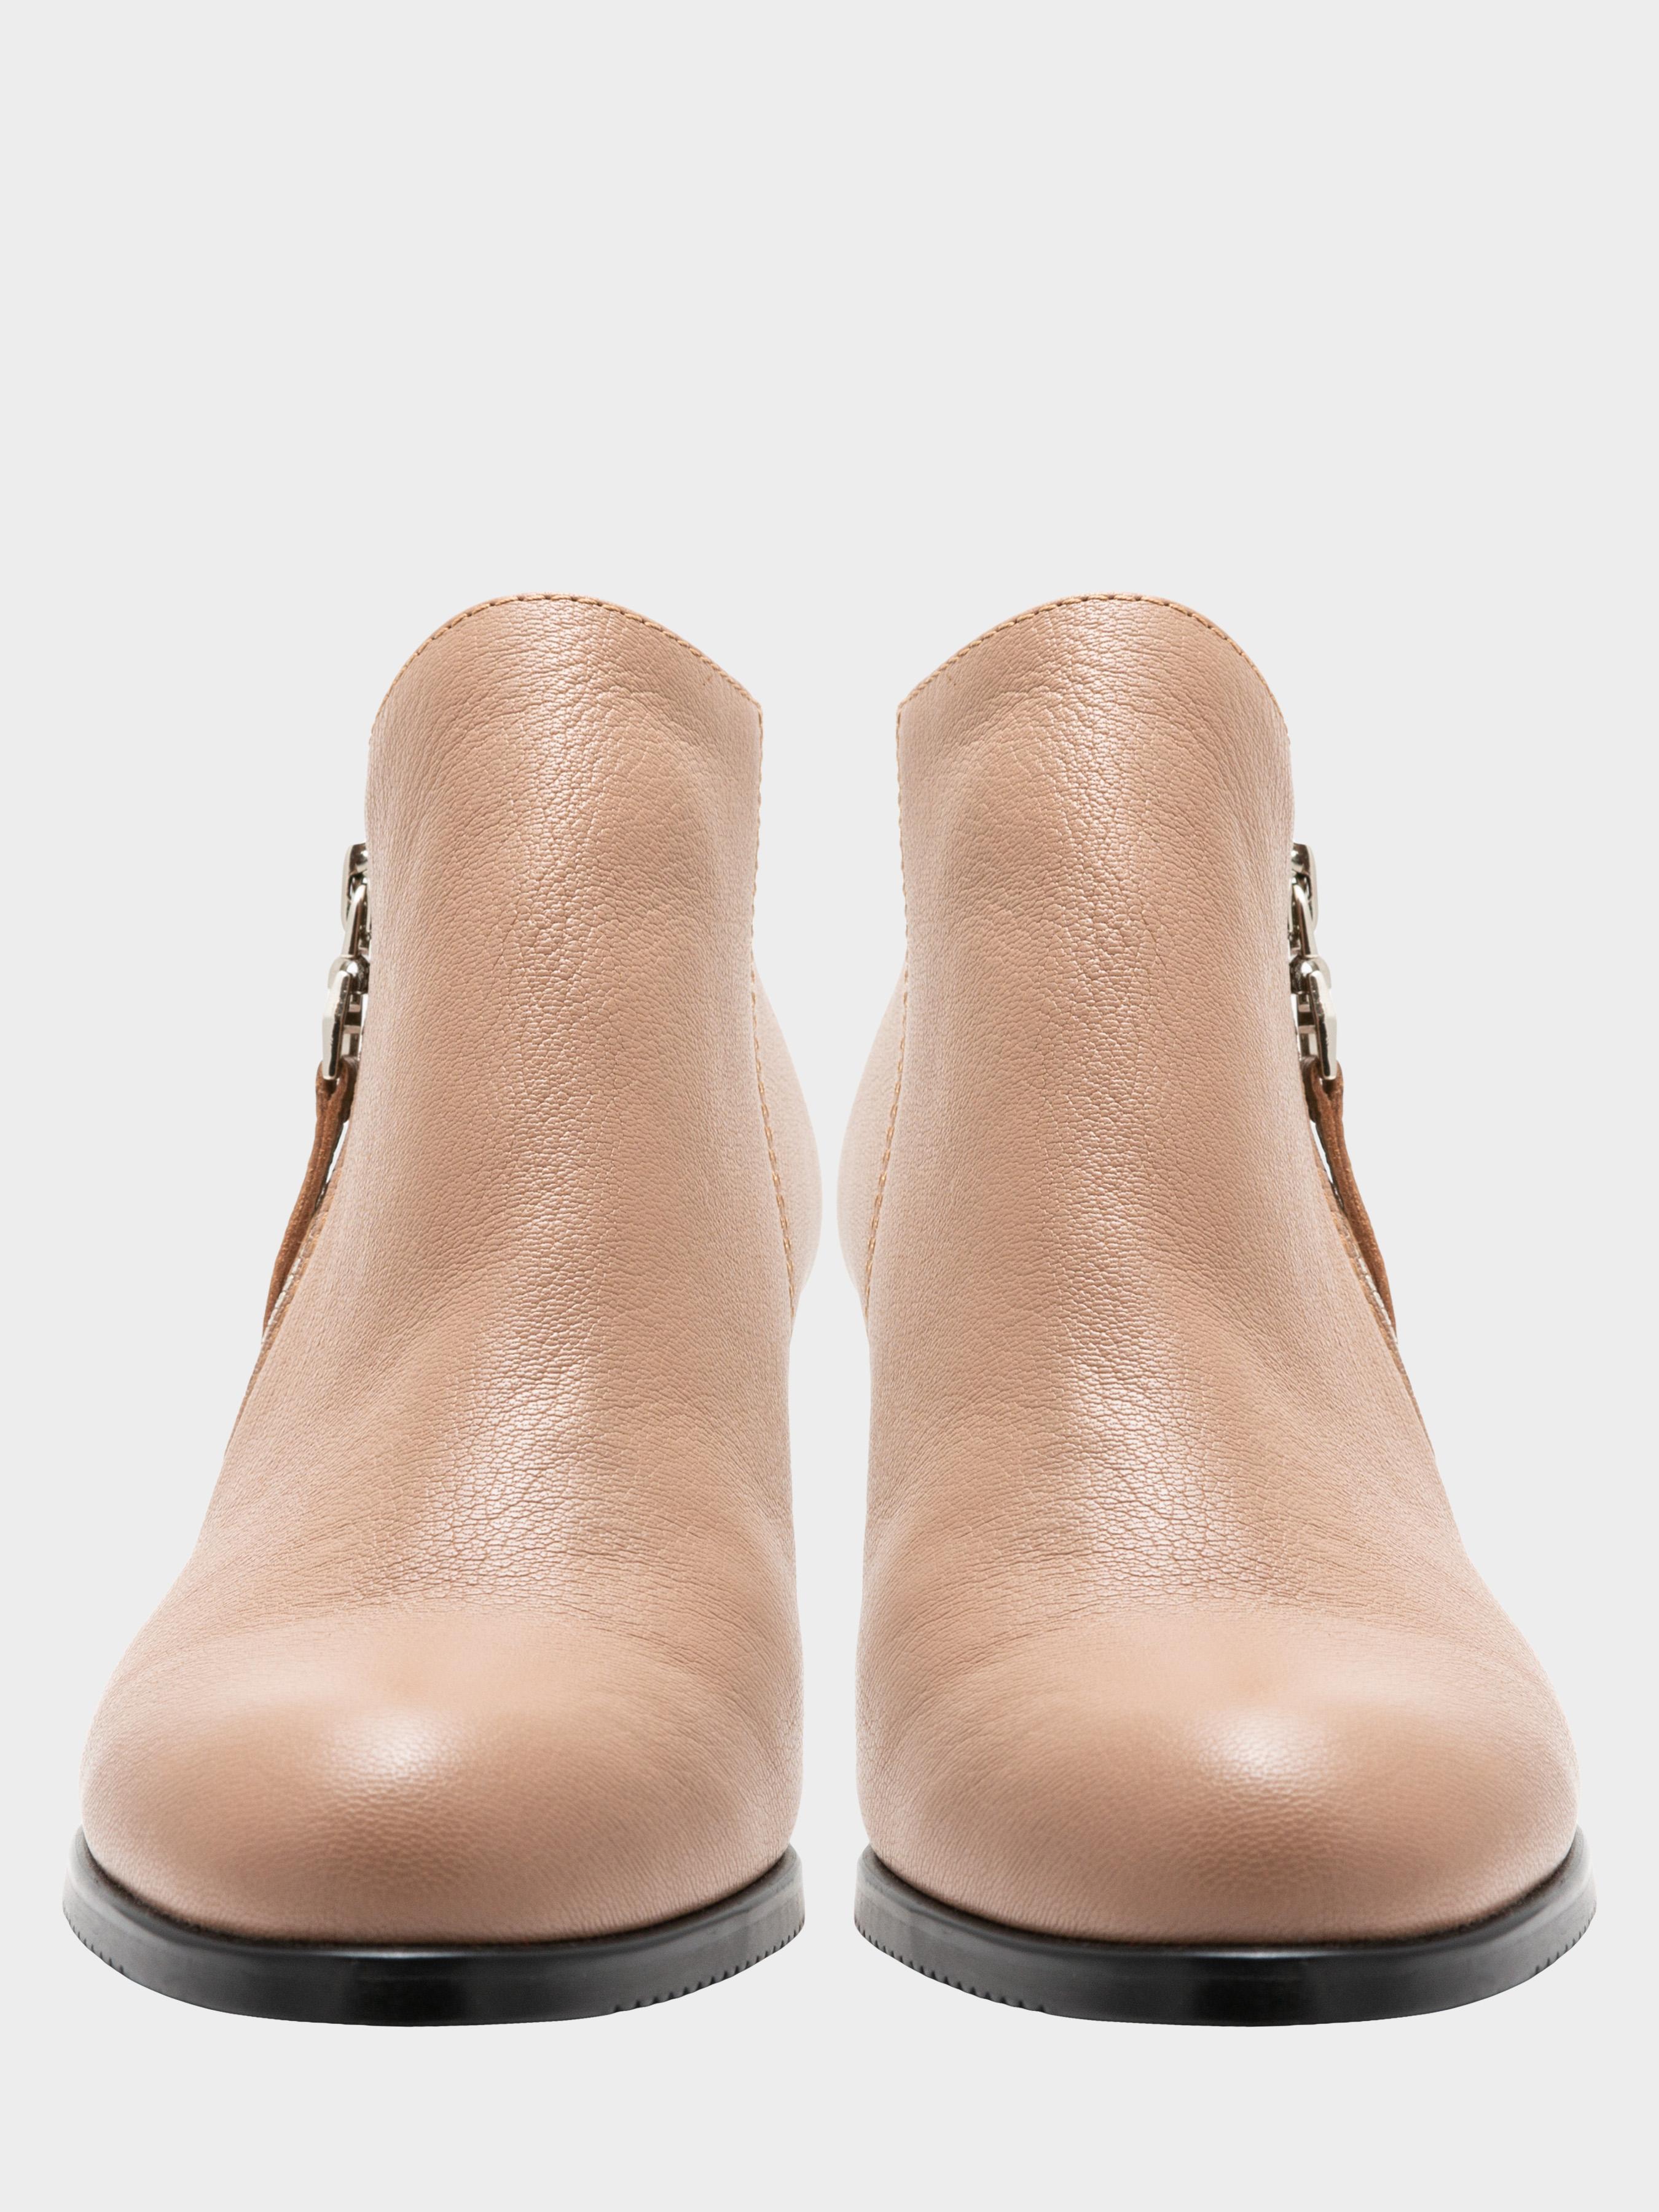 Ботинки для женщин Ботинки женские ENZO VERRATTI 18-1270-4-1be выбрать, 2017